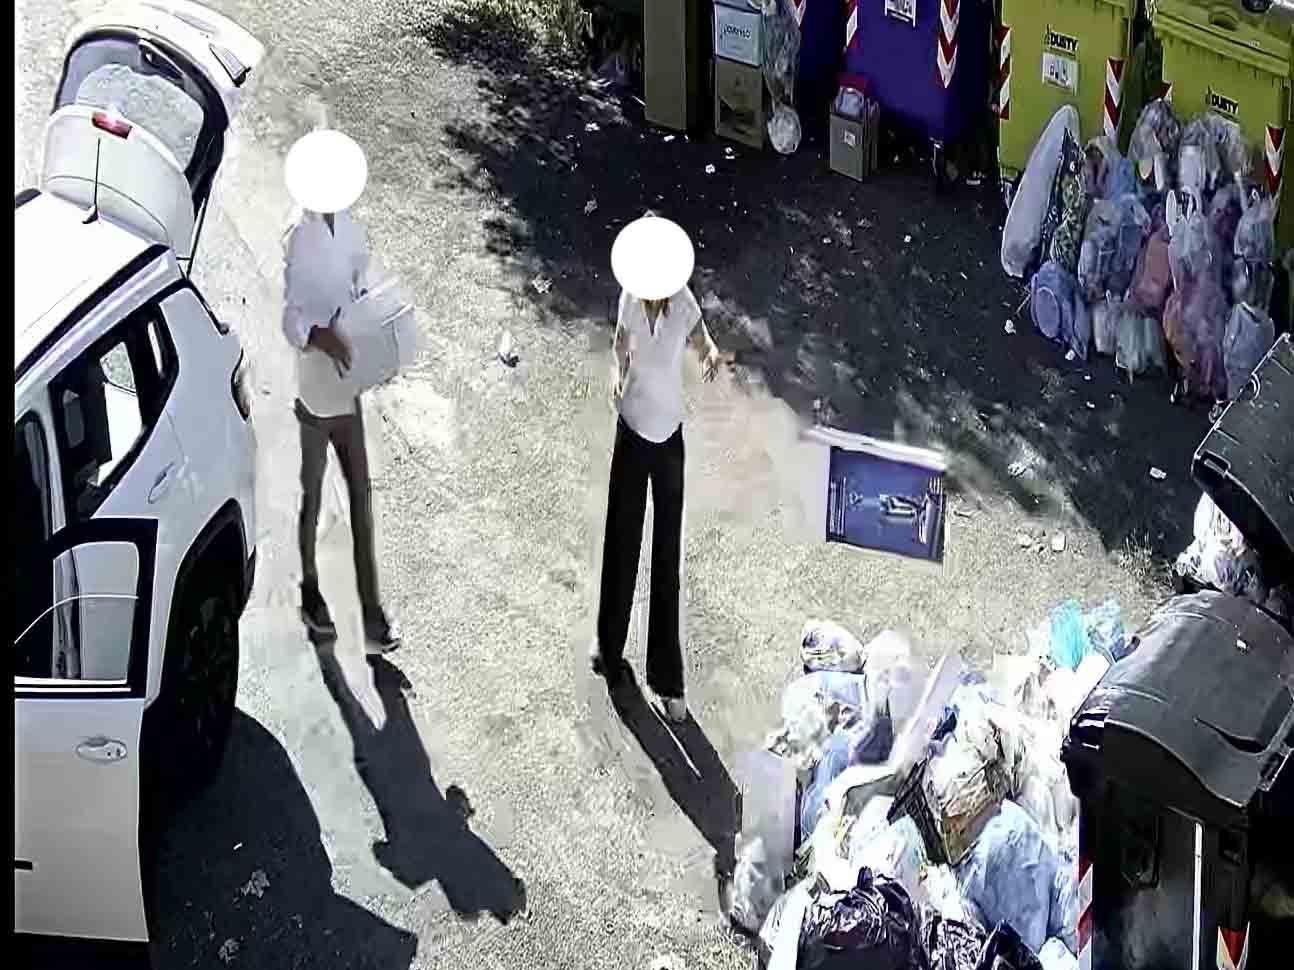 """""""Incivili"""" a San Gregorio scaricano rifiuti dalle loro auto: un signore e una coppia beccati dalle telecamere"""